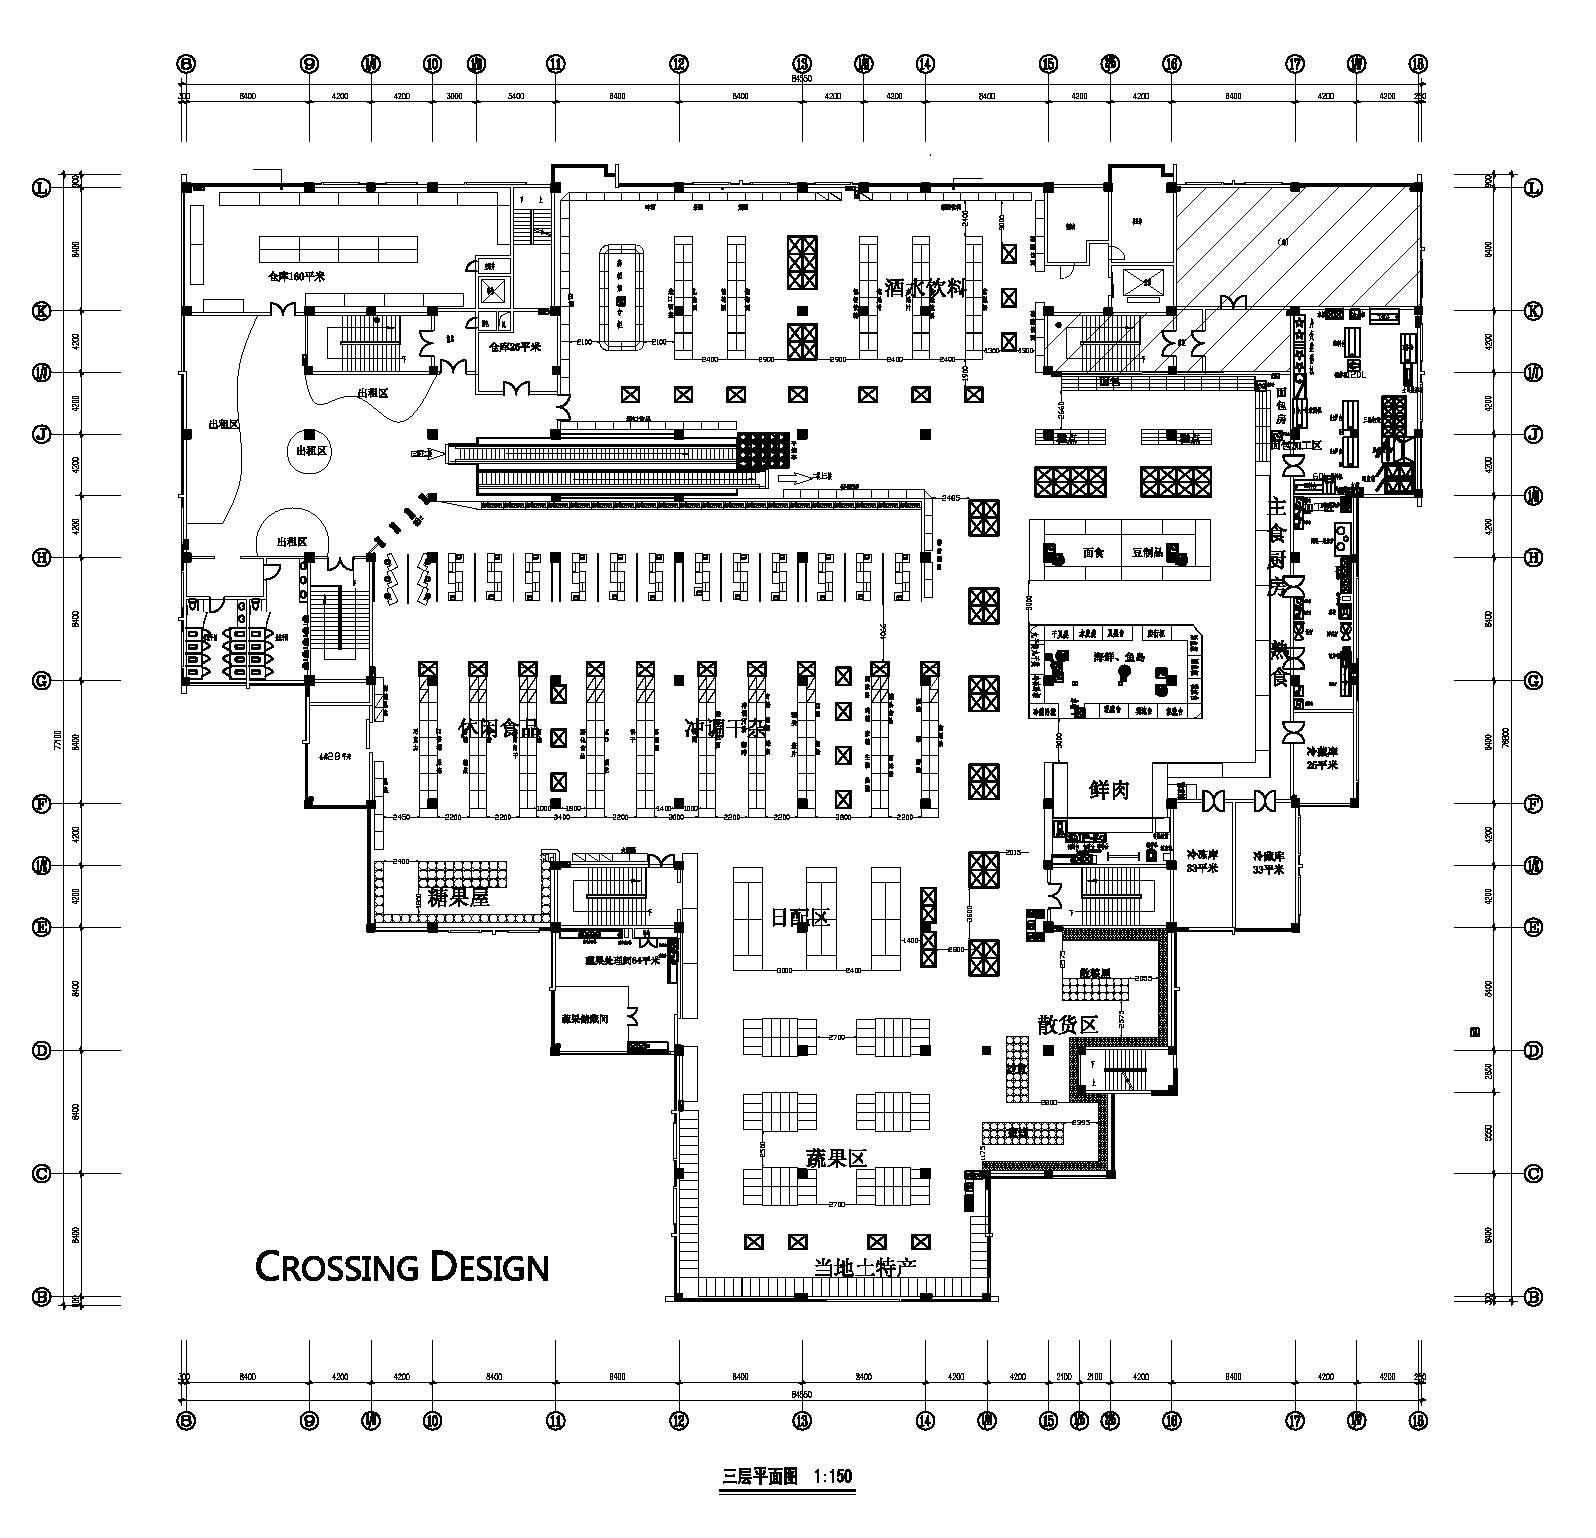 物流仓库平面图三沙卫视公司是哪家标志v物流的图片